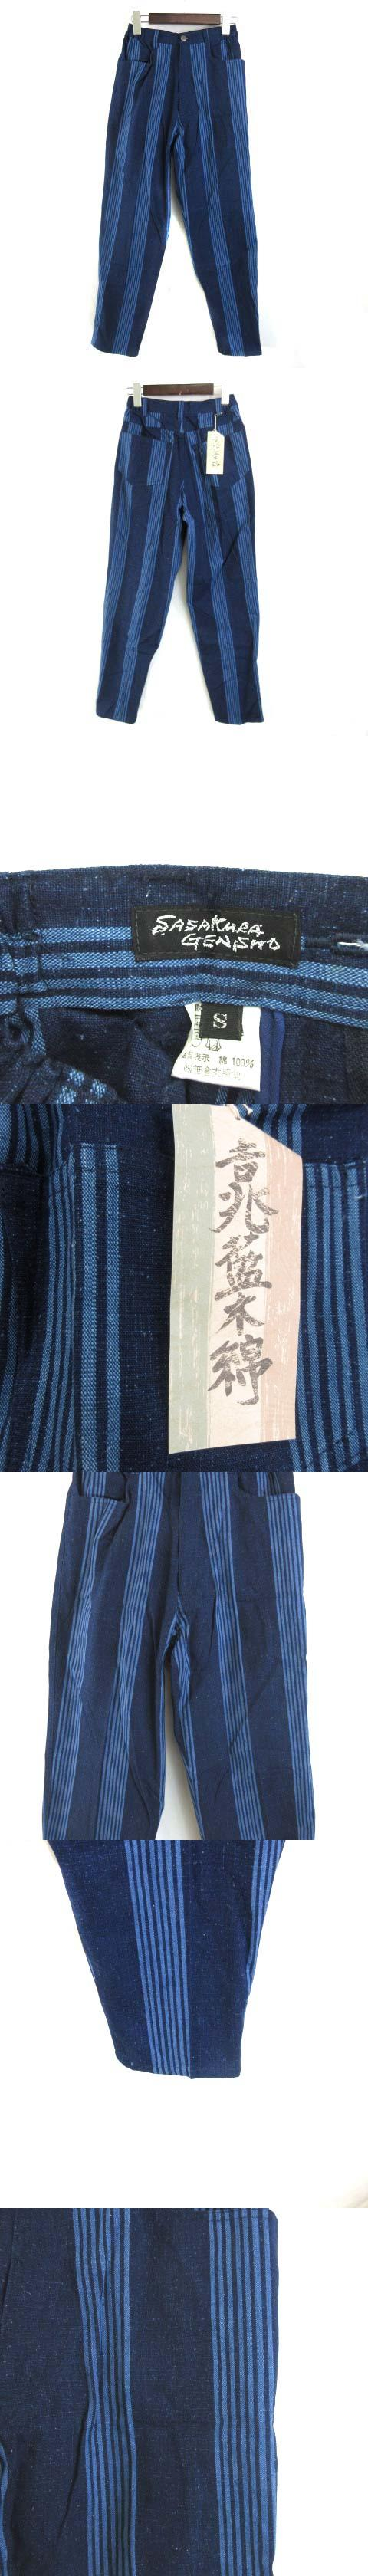 笹倉玄照堂 吉兆藍木綿 パンツ テーパード 縞模様 藍染 紺 ネイビー S 420 0113